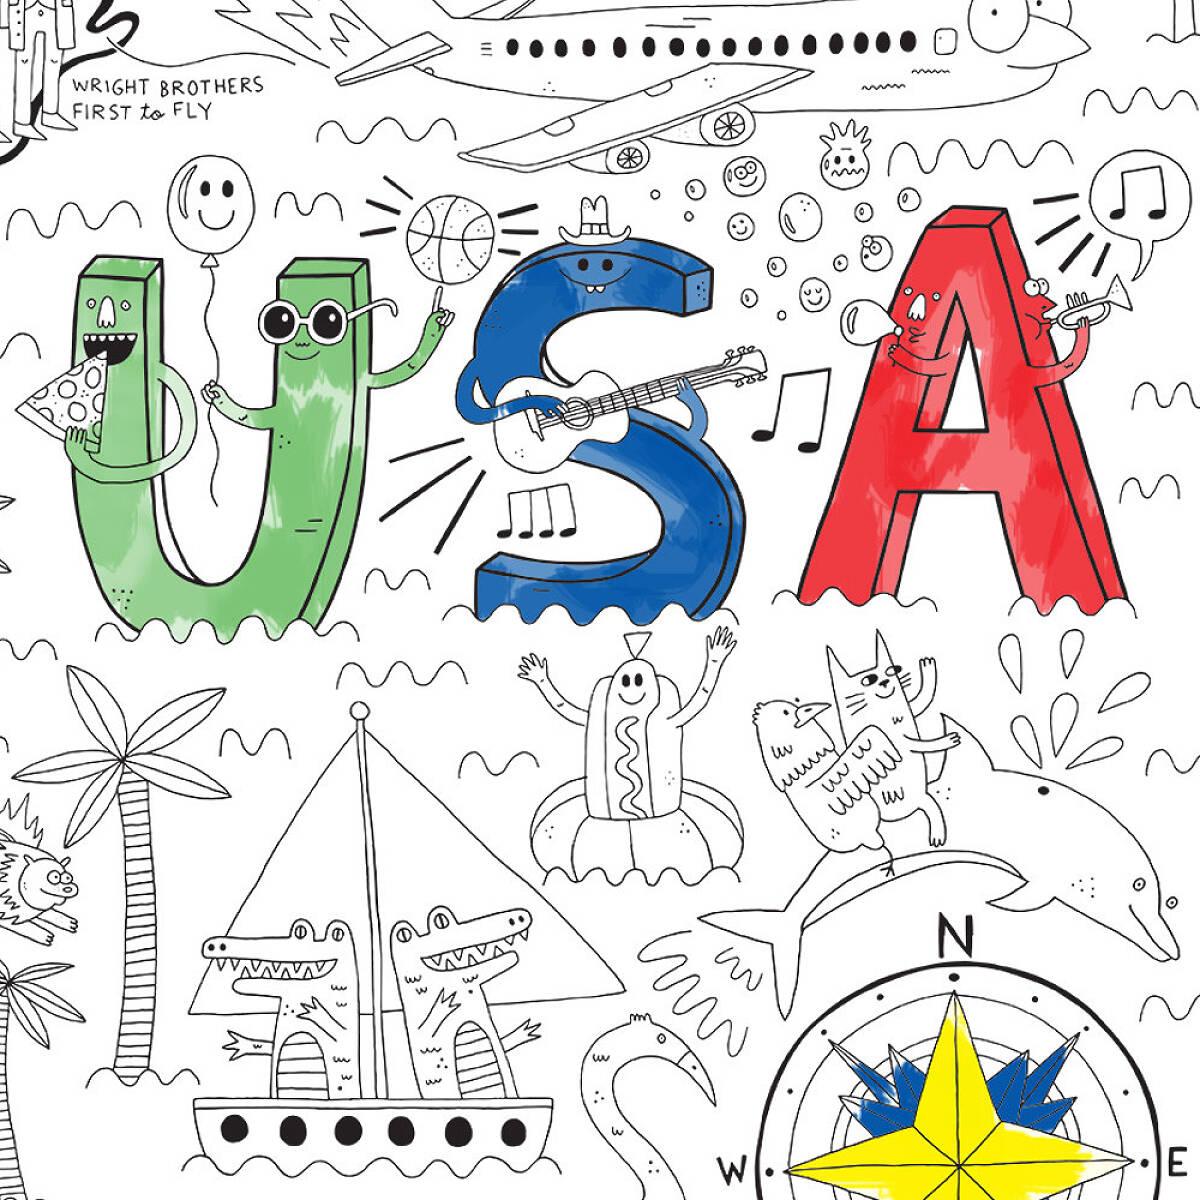 USA Jumbo Coloring Poster | Kids USA Coloring Poster | UncommonGoods